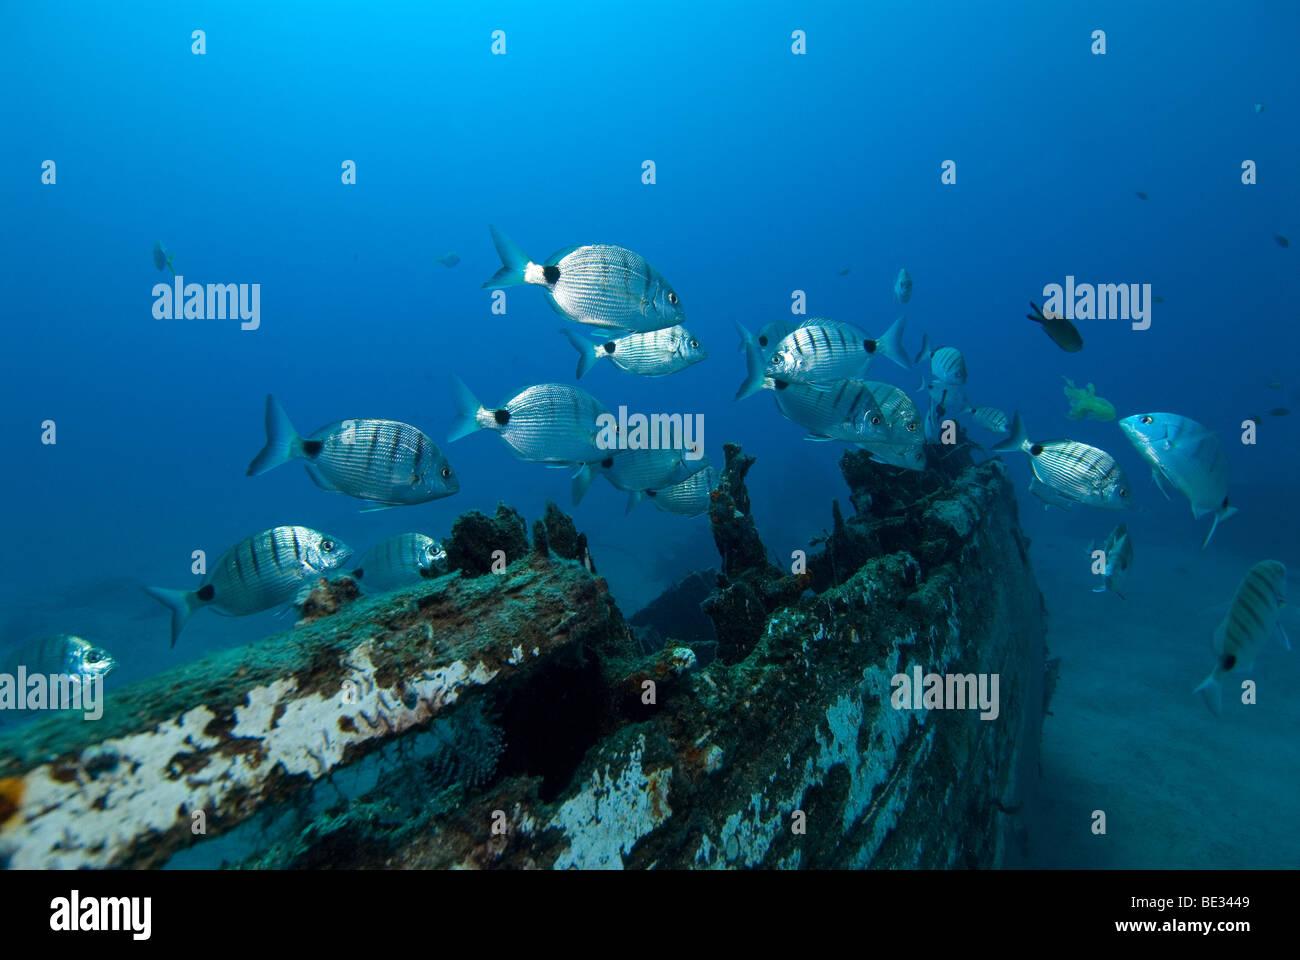 Blanco besugos cerca de naufragio, Diplodus sargus cadenati, Lanzarote, Islas Canarias, en el Océano Atlántico, España Foto de stock